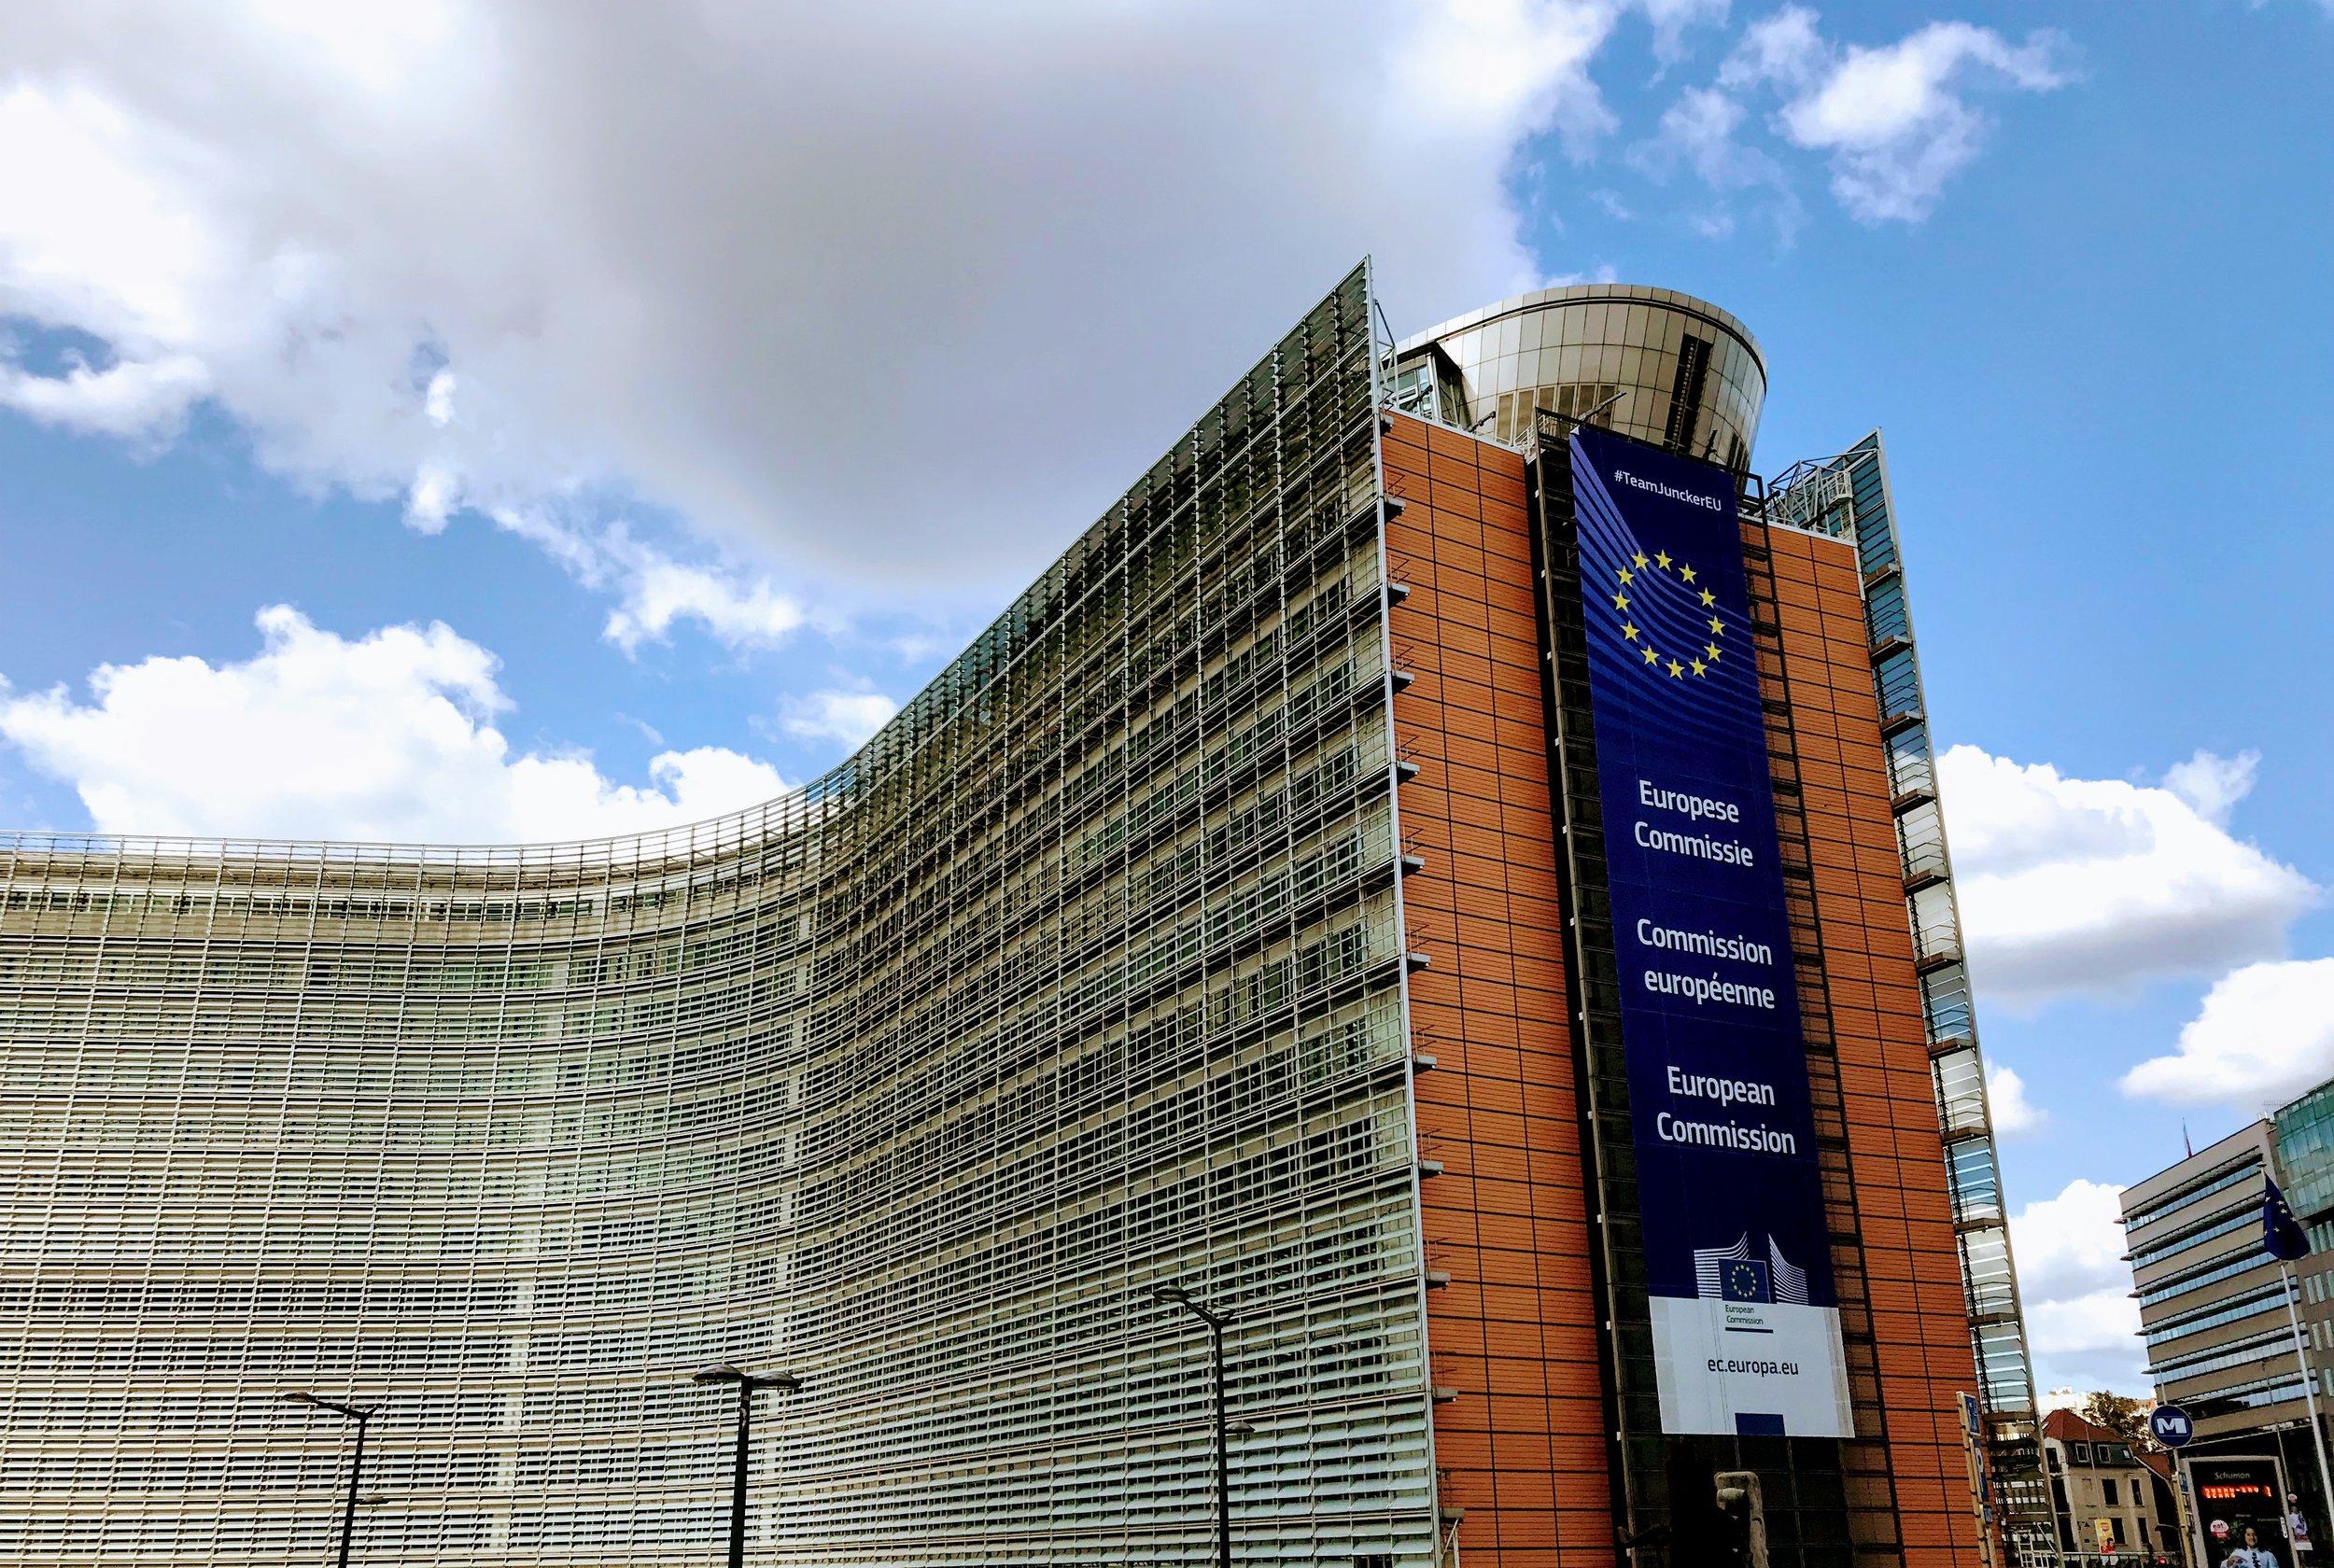 European Commission, Brussels, Belgium